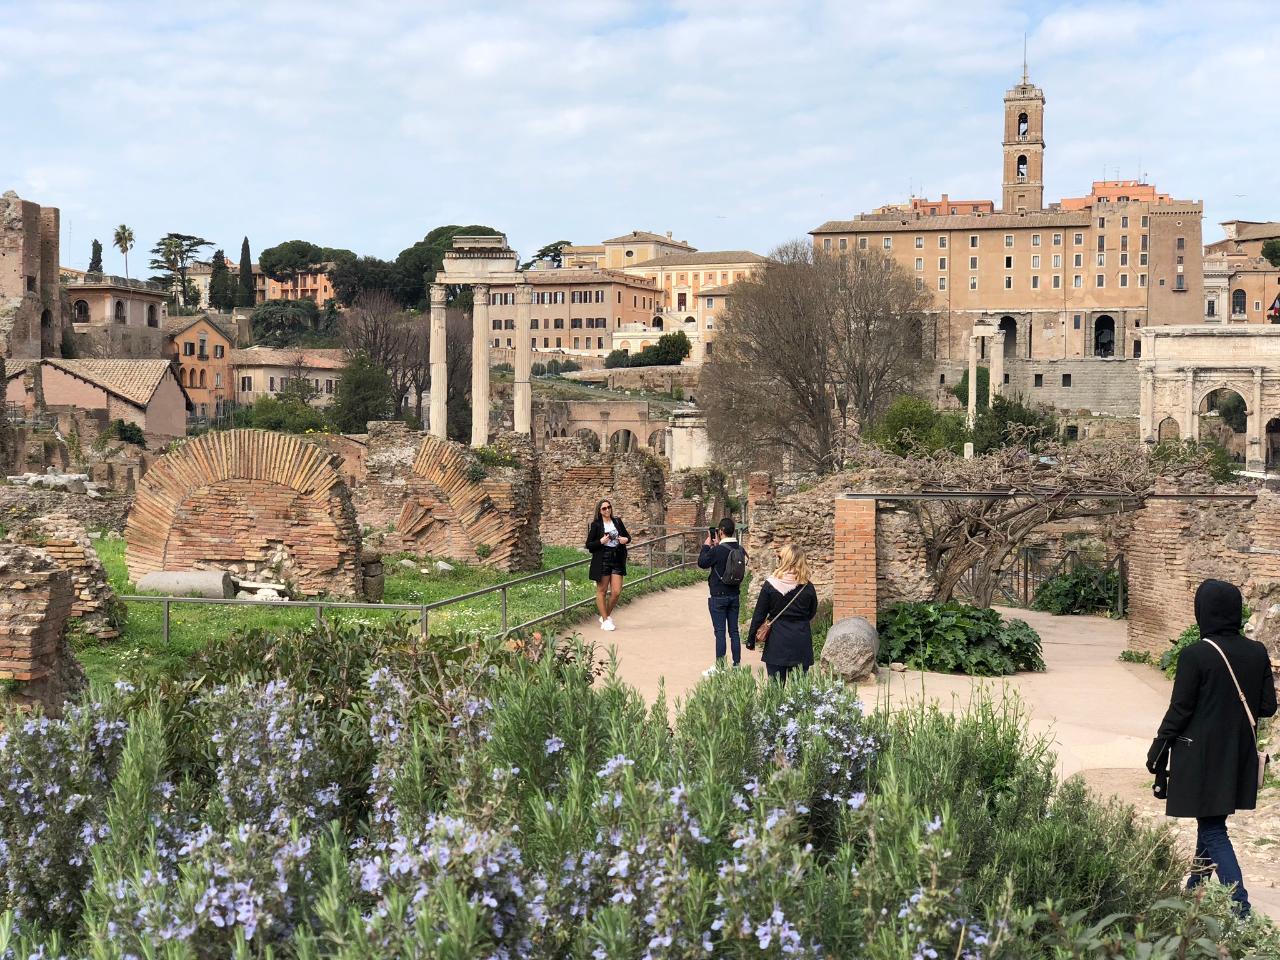 Il Foro Romano: 28 Secoli di Storia  -  Visita Guidata Virtuale